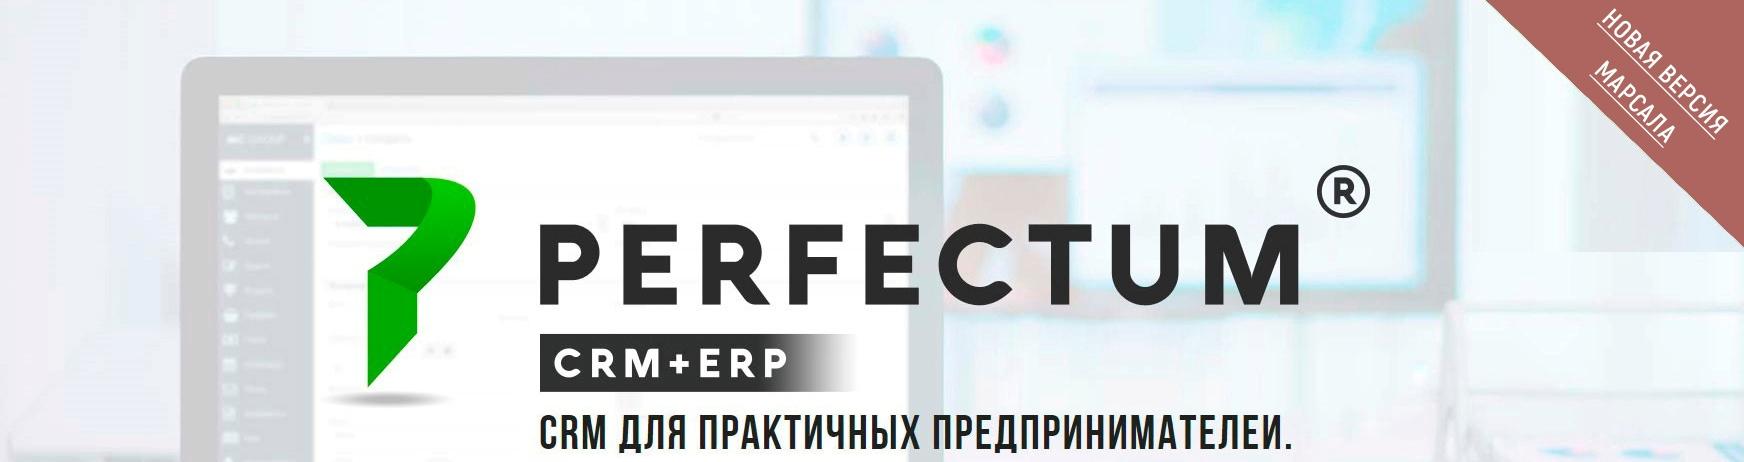 Новая версия Perfectum CRM+ERP 3.4